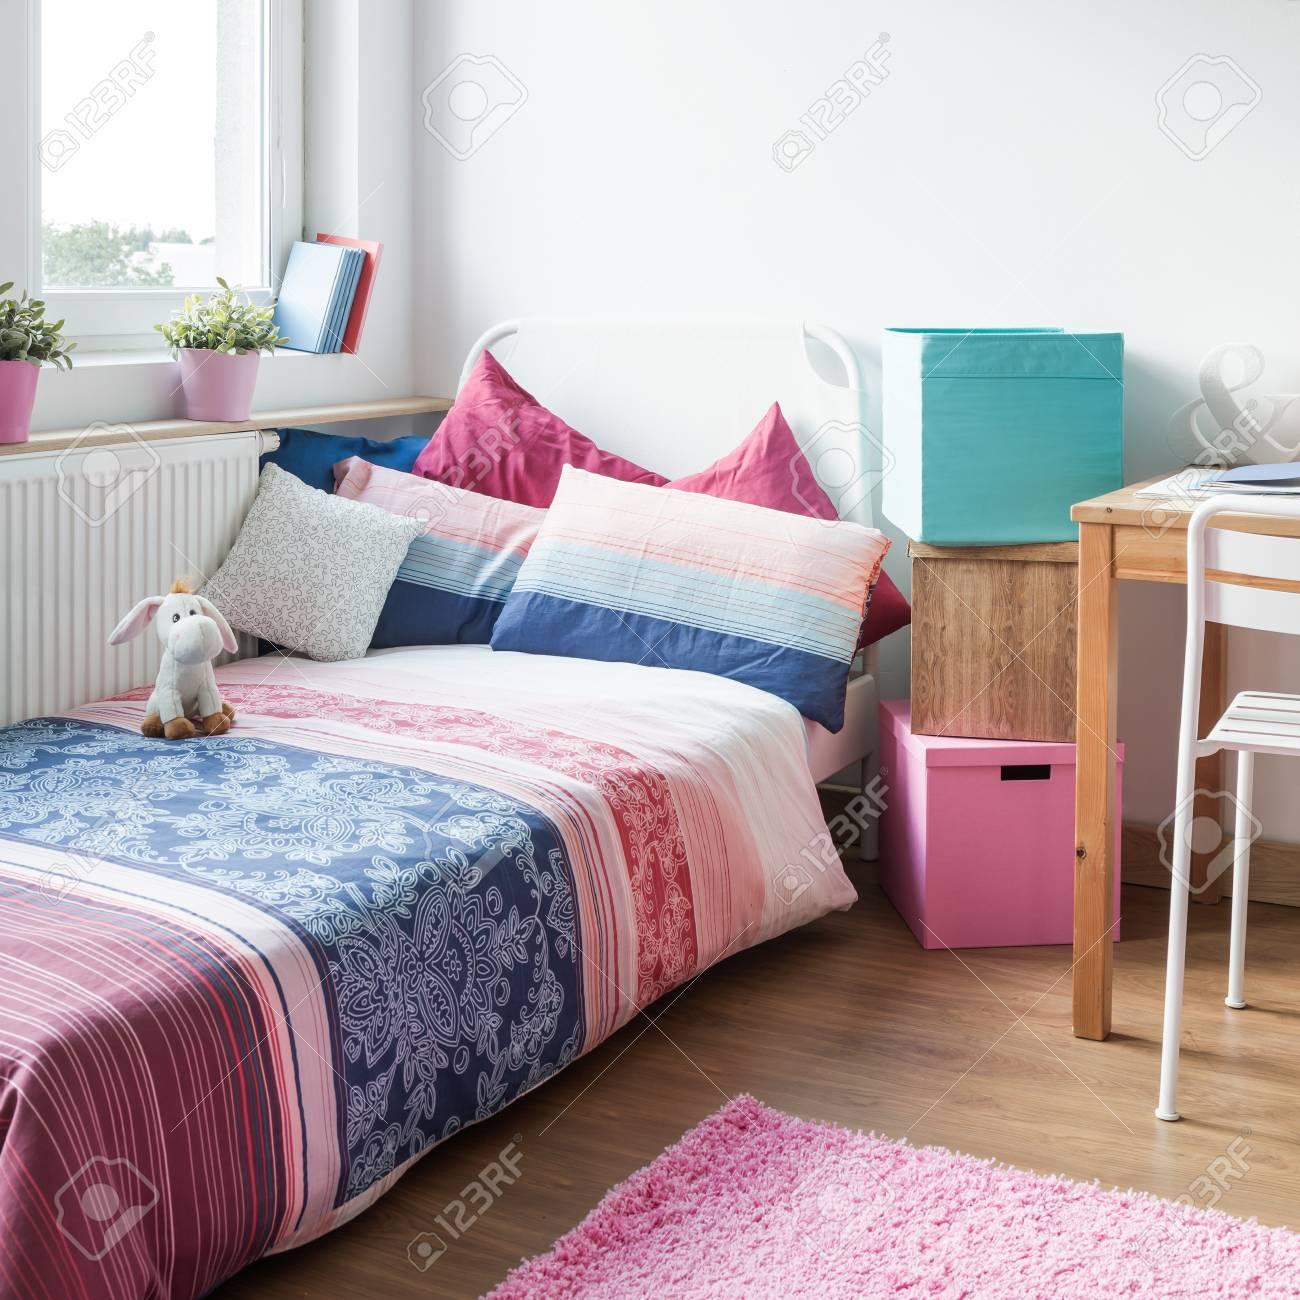 Das Innere Der Modernen Und Gemütlichen Teenager-Mädchen Zimmer ...